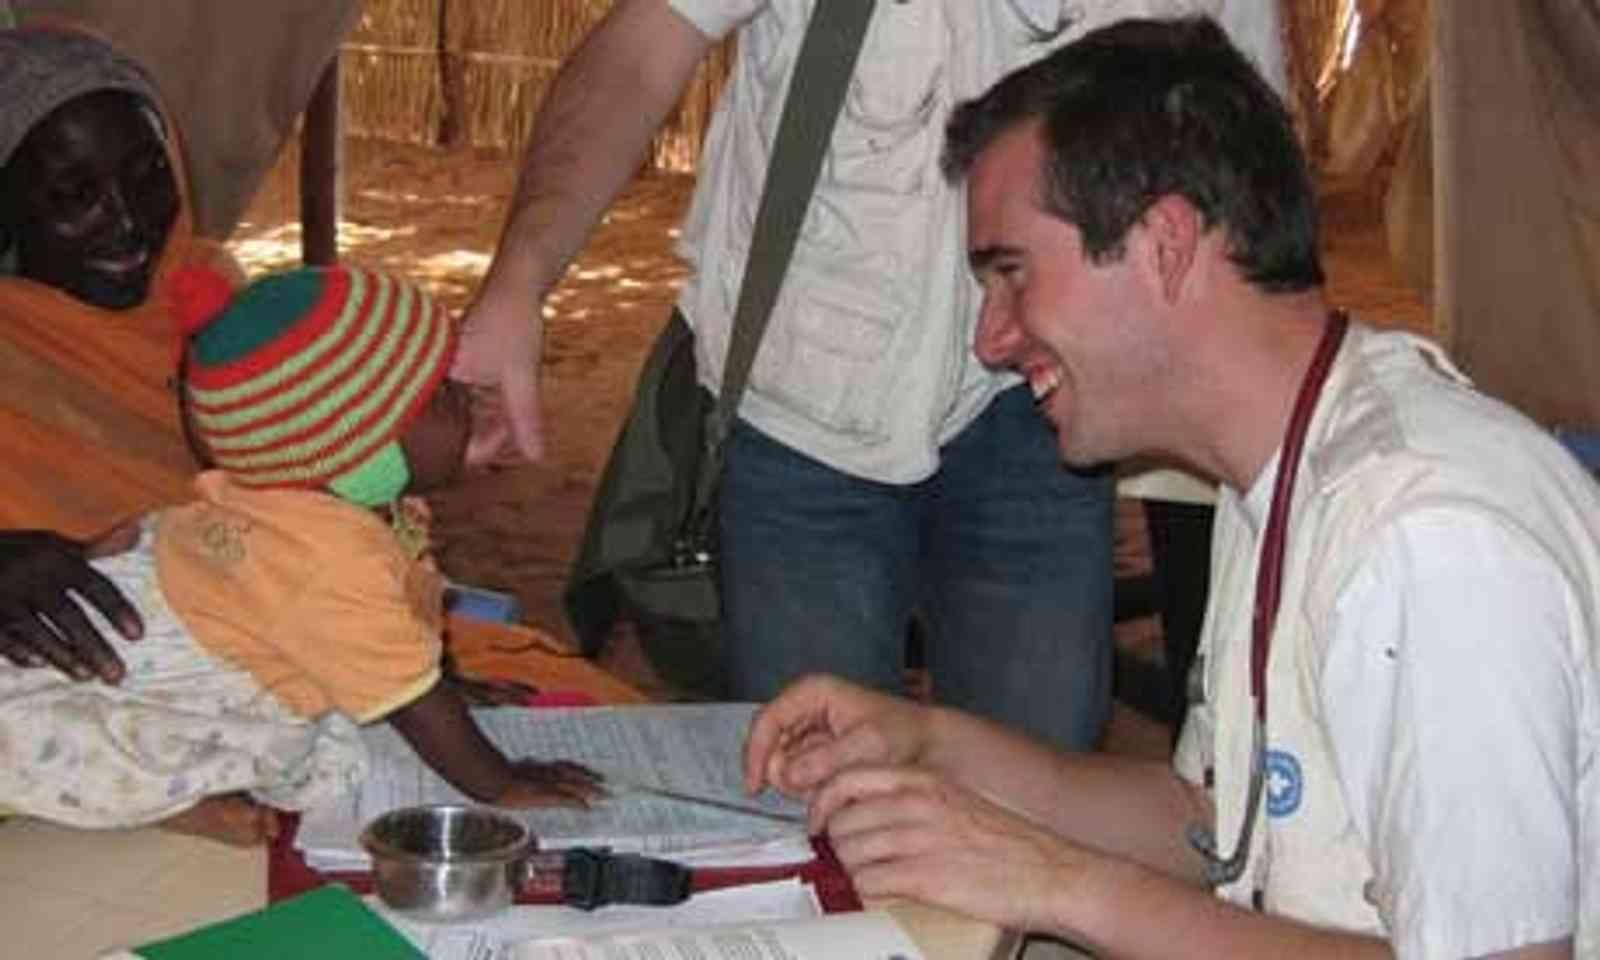 Aid worker (Wanderlust magazine)